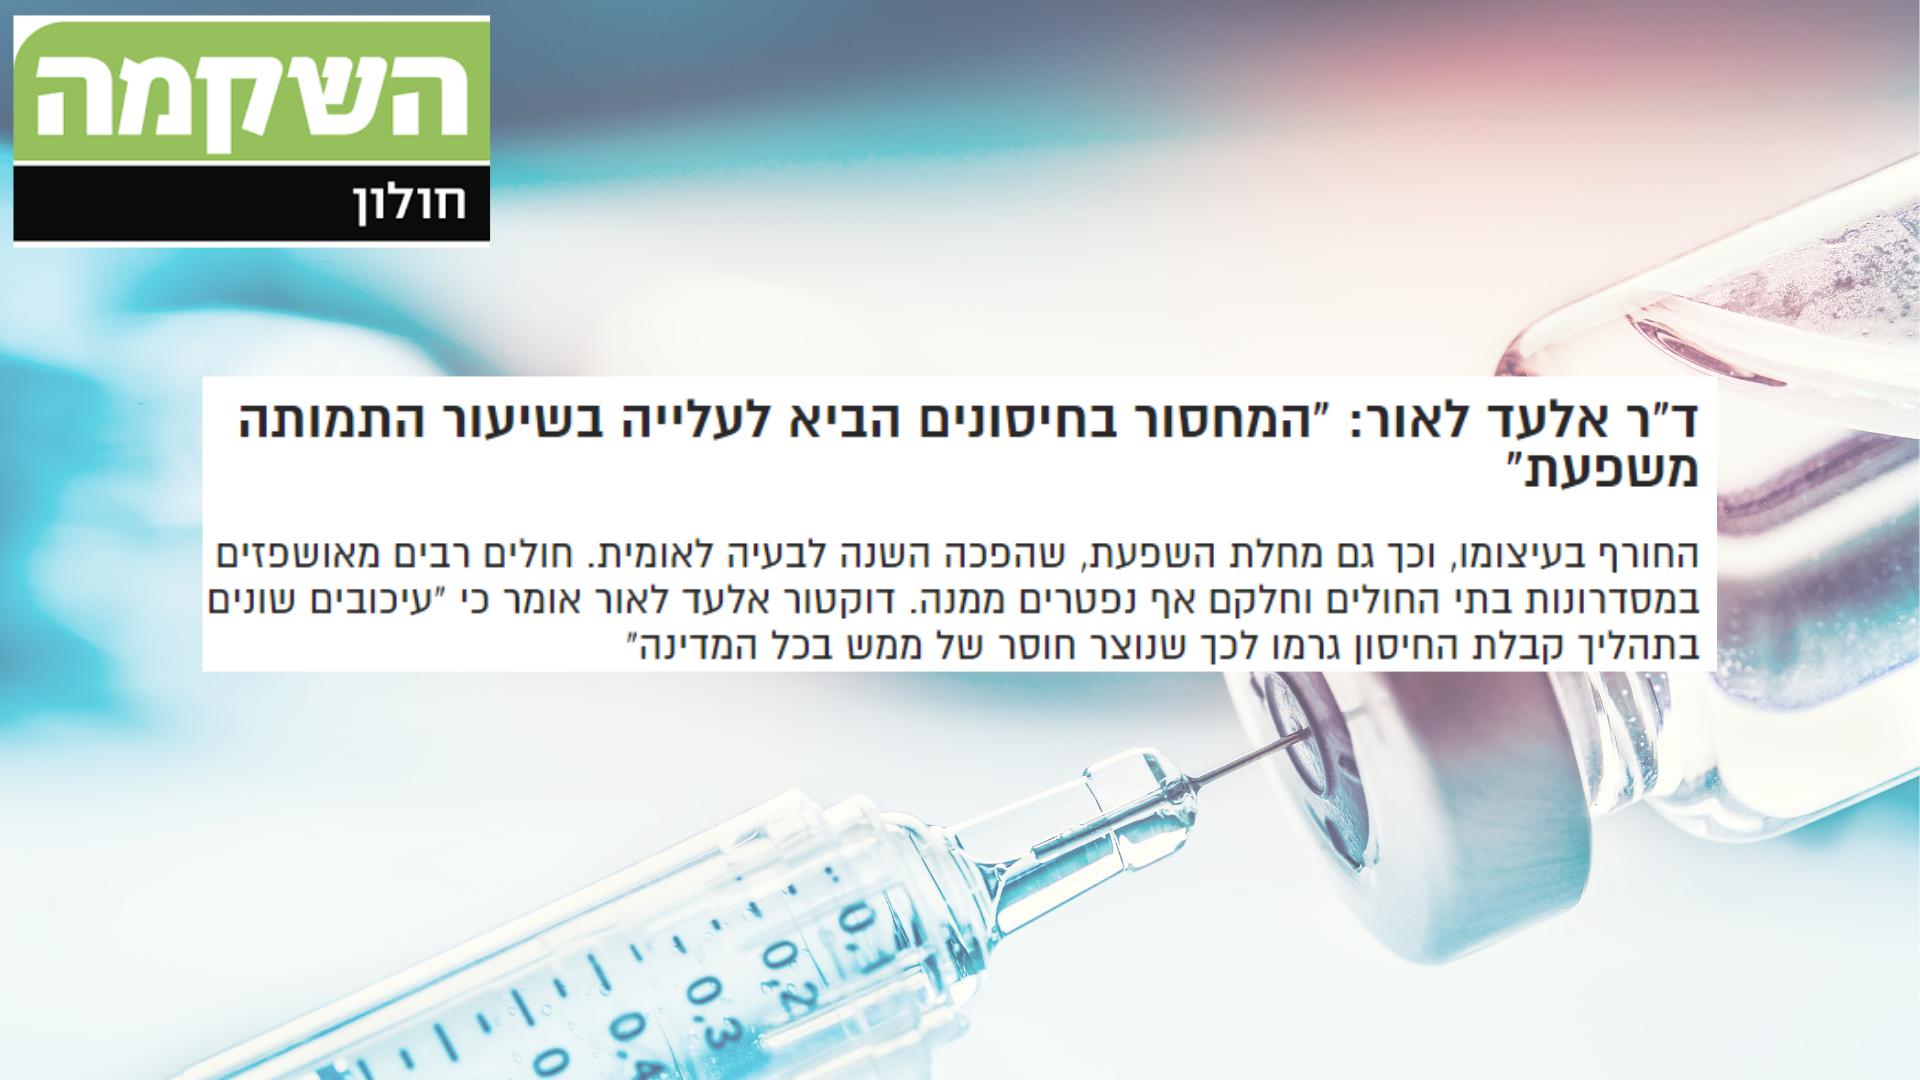 """צפו: ד""""ר אלעד לאור ב""""השקמה חולון"""" מדבר על החיסונים והשפעת"""